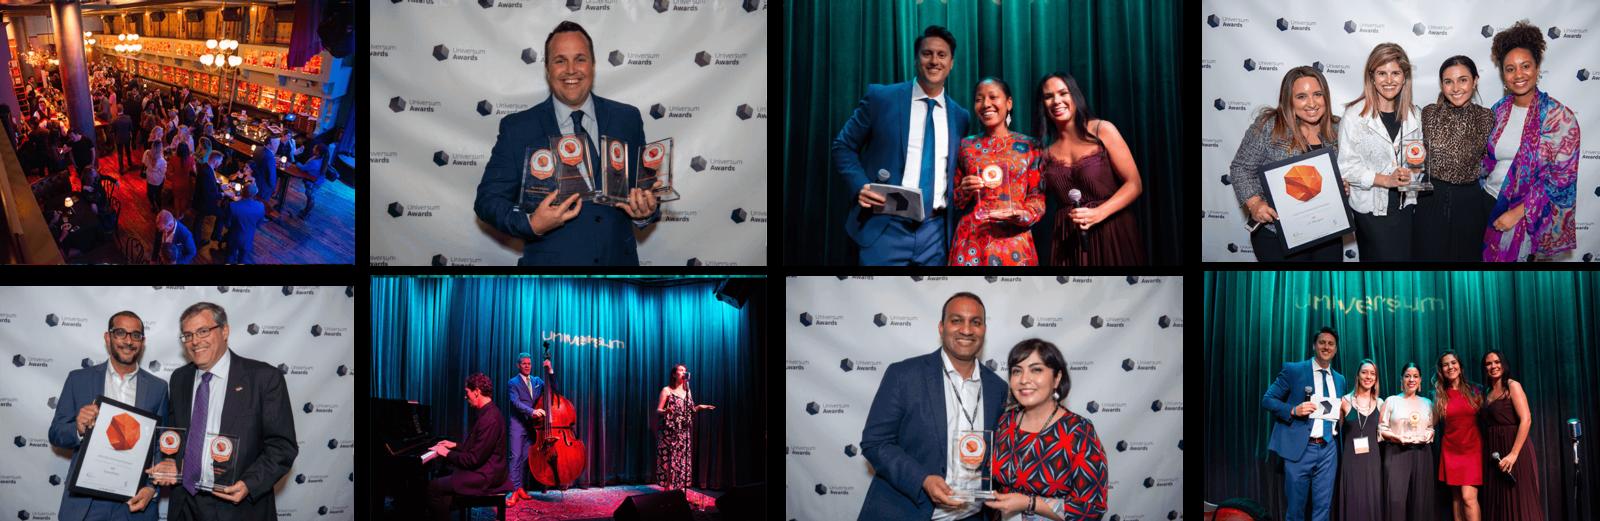 USA_Universum_Awards_2019